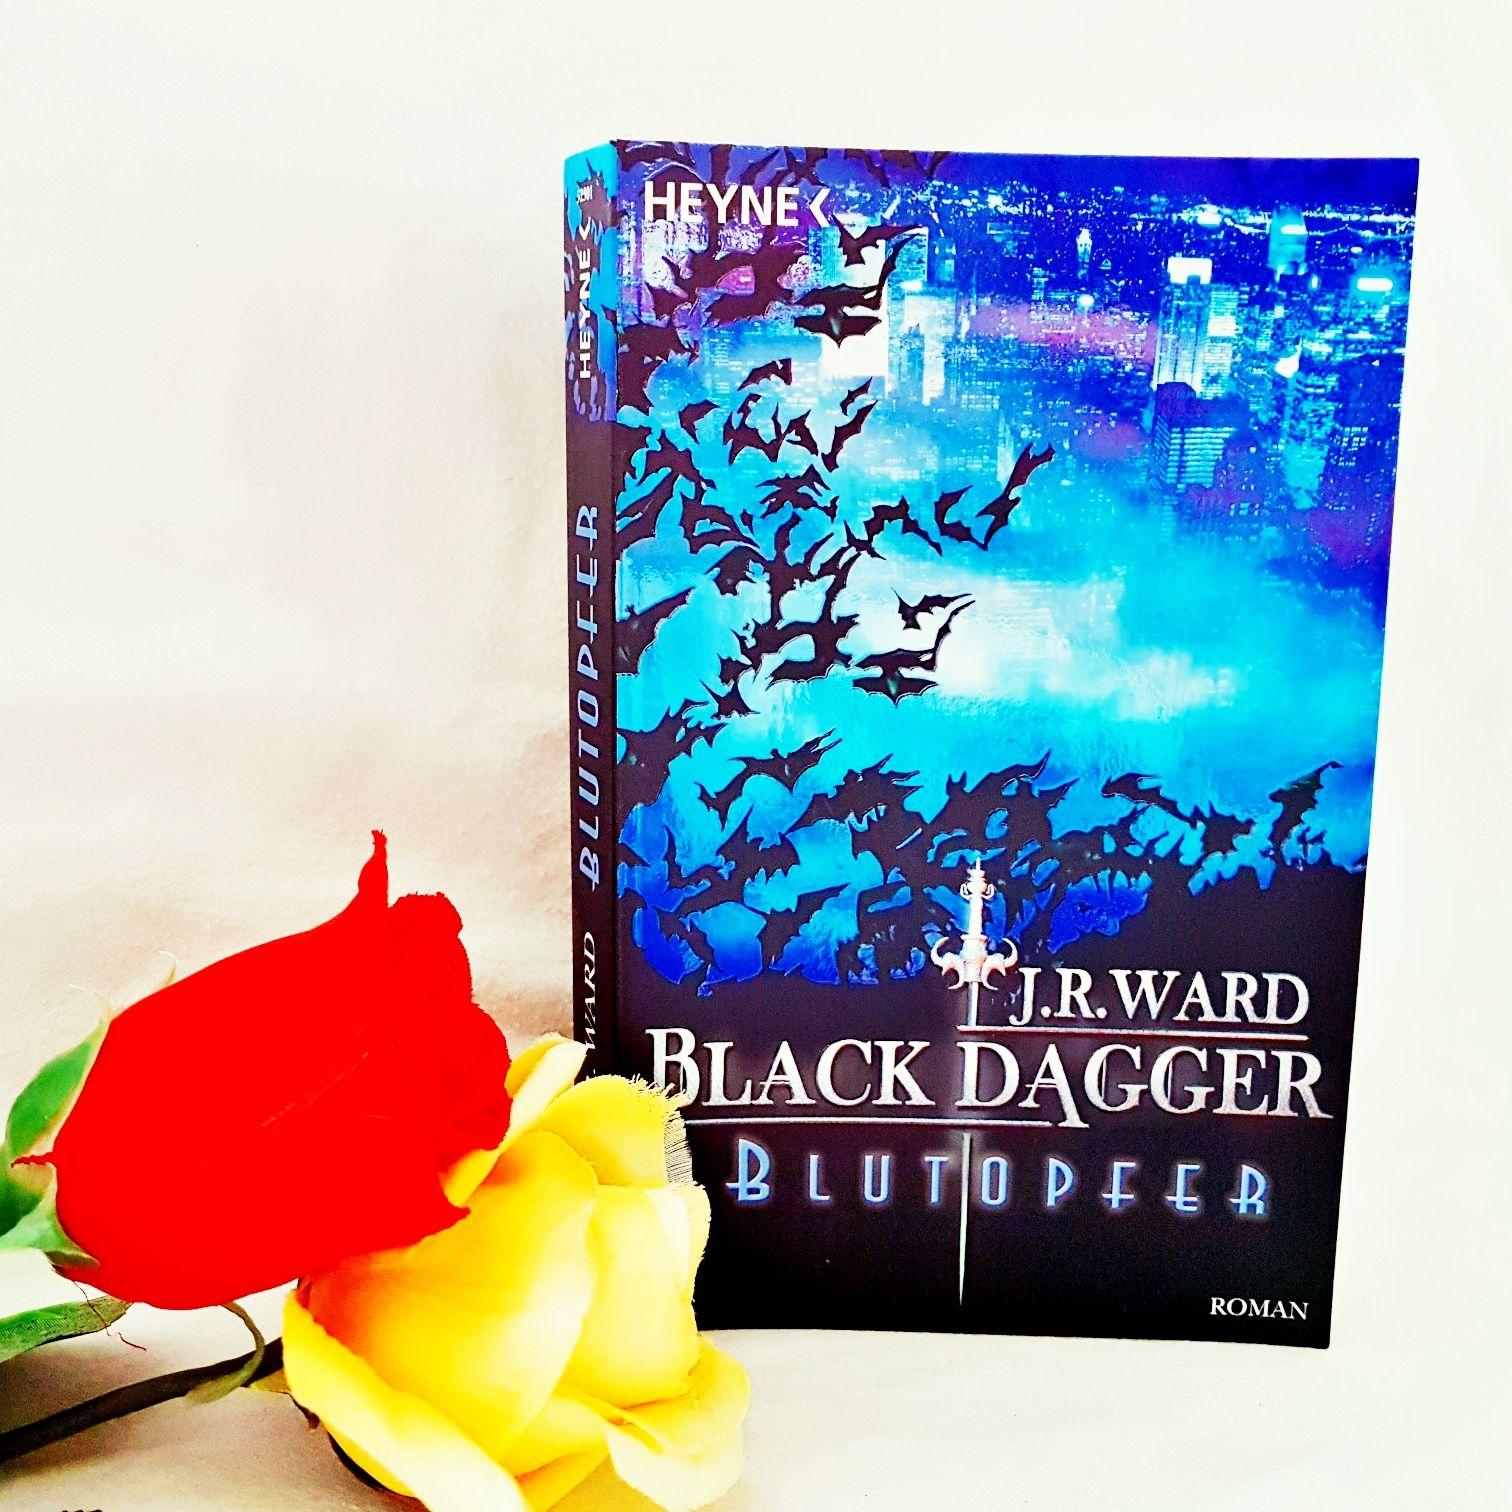 Black Dagger Blutopfer von J.R.Ward